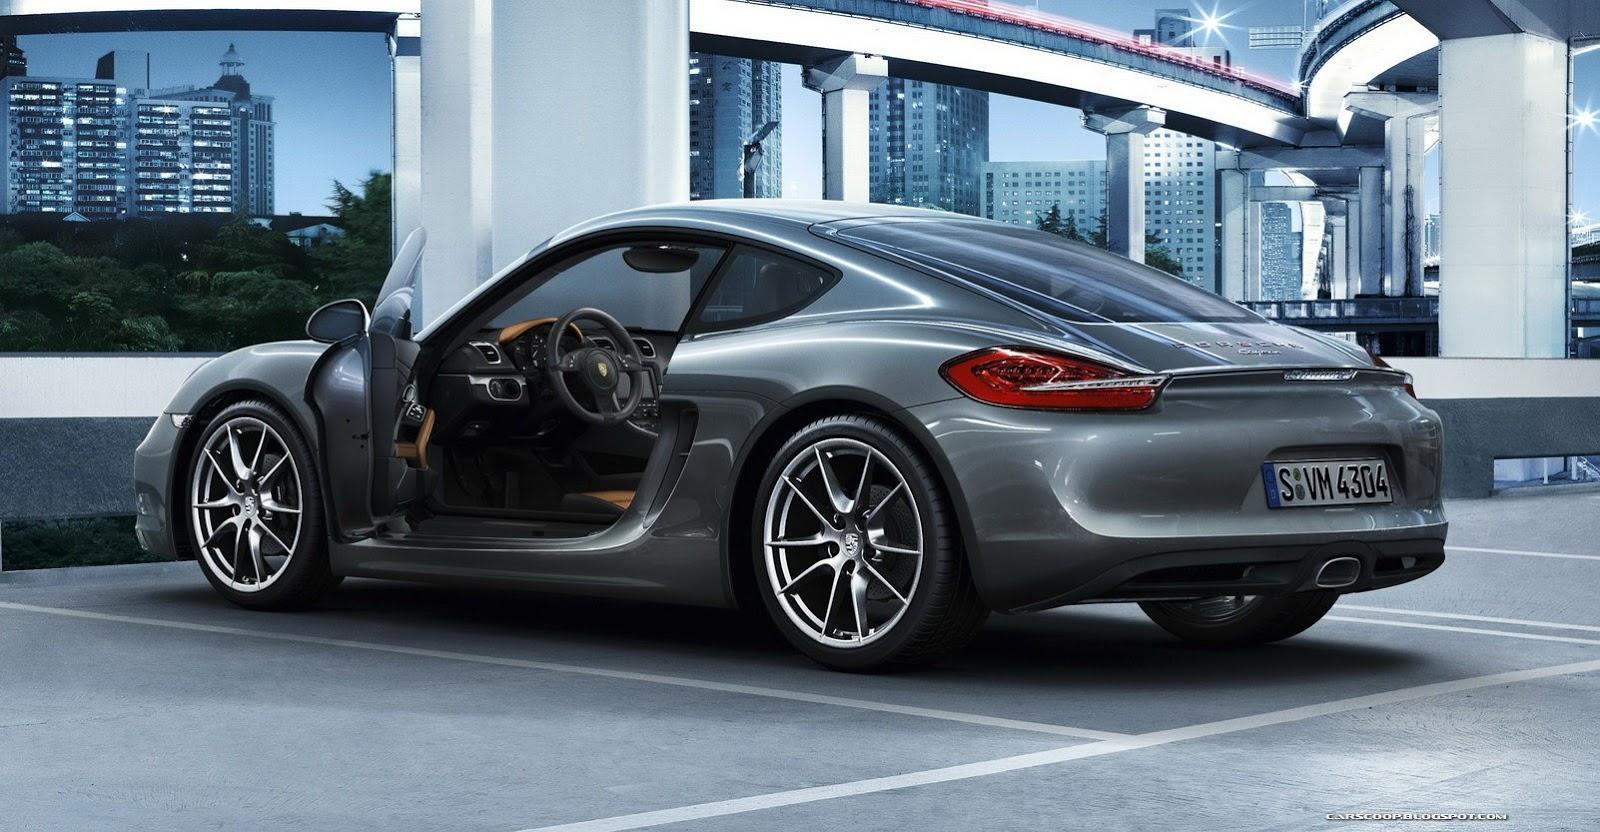 New 2014 Porsche Cayman Debuts In La Video Autoevolution